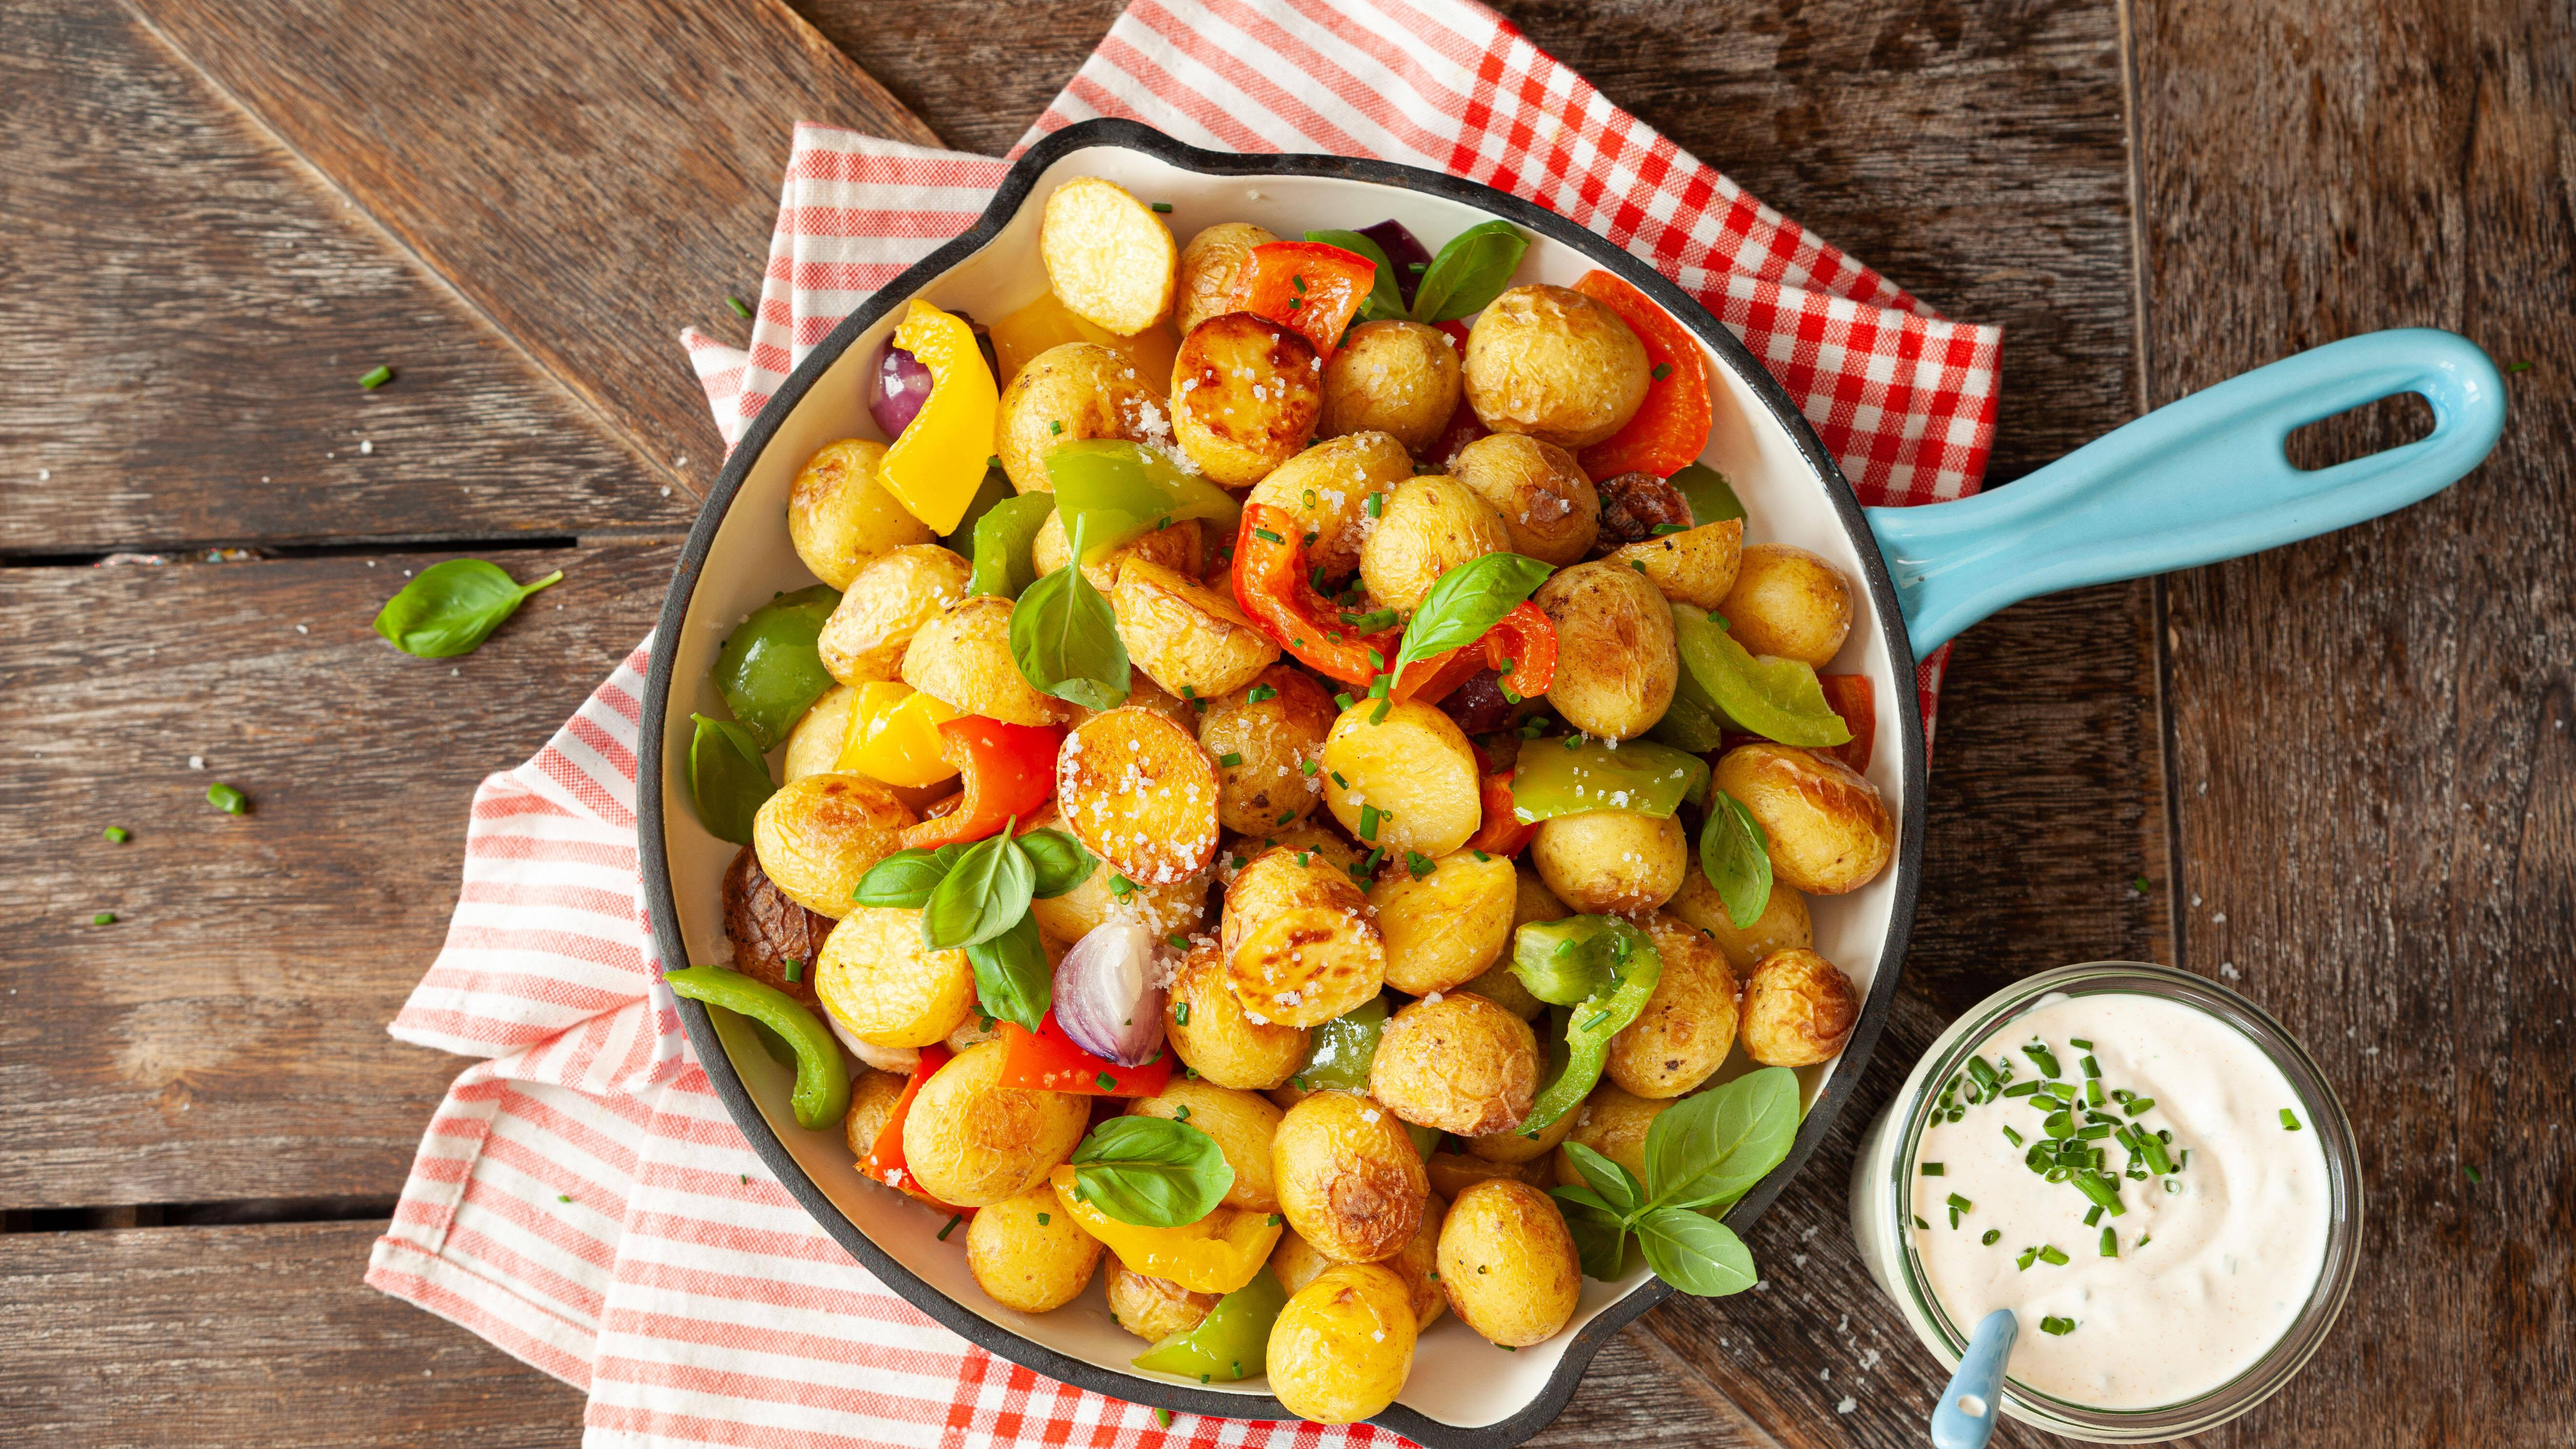 Ofenkartoffeln mit Gemüse - ein leichtes und veganes Gericht